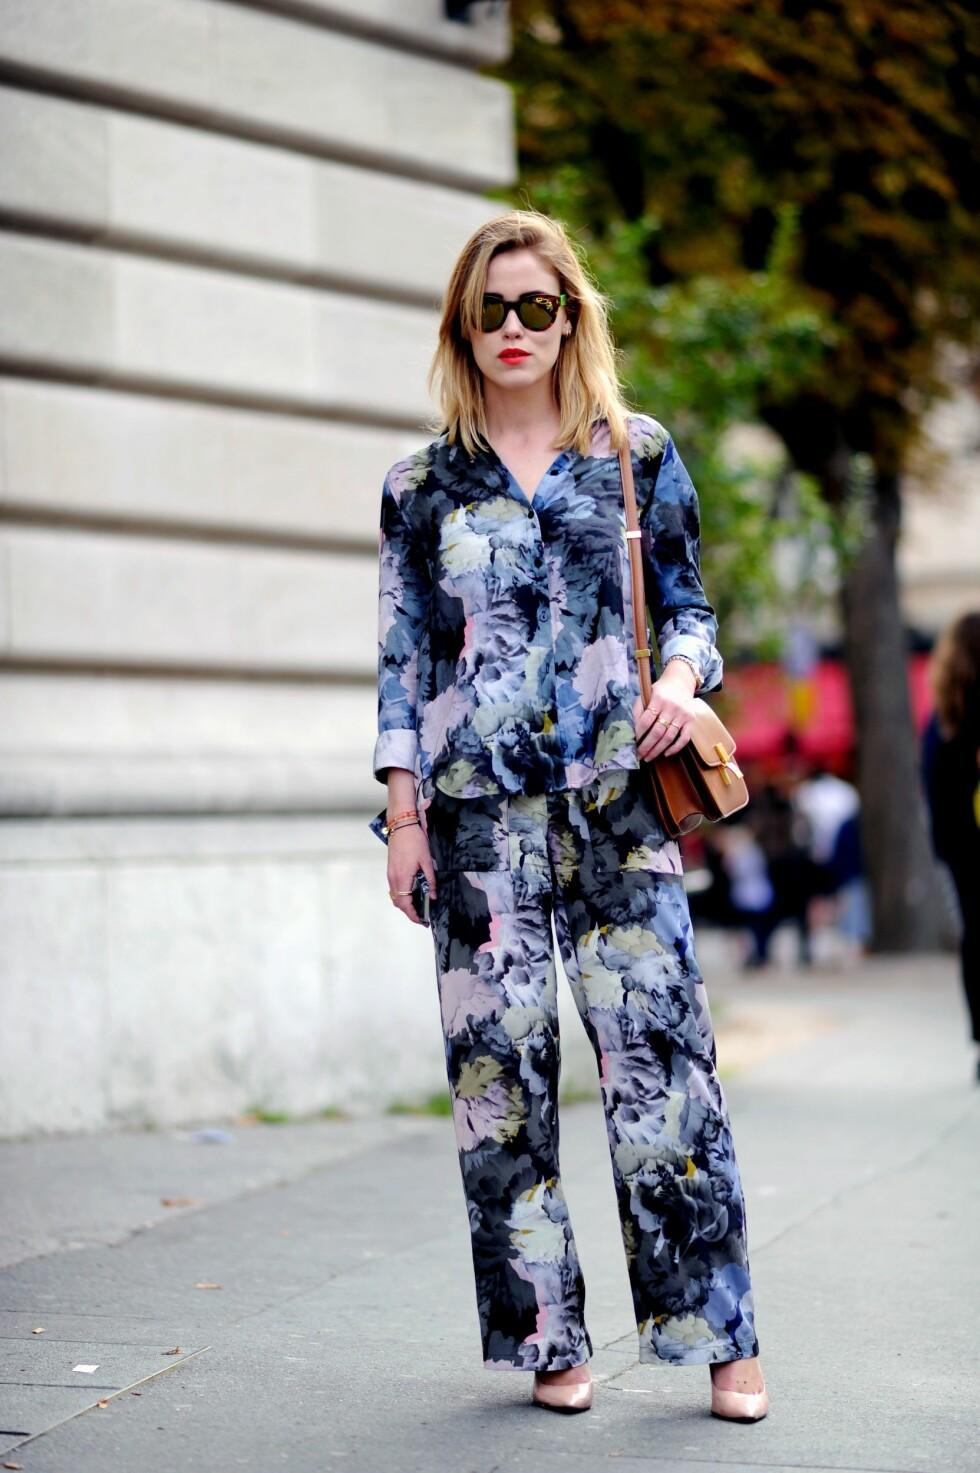 STYLEmag-blogger Annabel Rosendahl gikk for en drakt i pysj-stil med samme mønster på begge delene da hun var på moteuken i Paris.  Foto: All Over